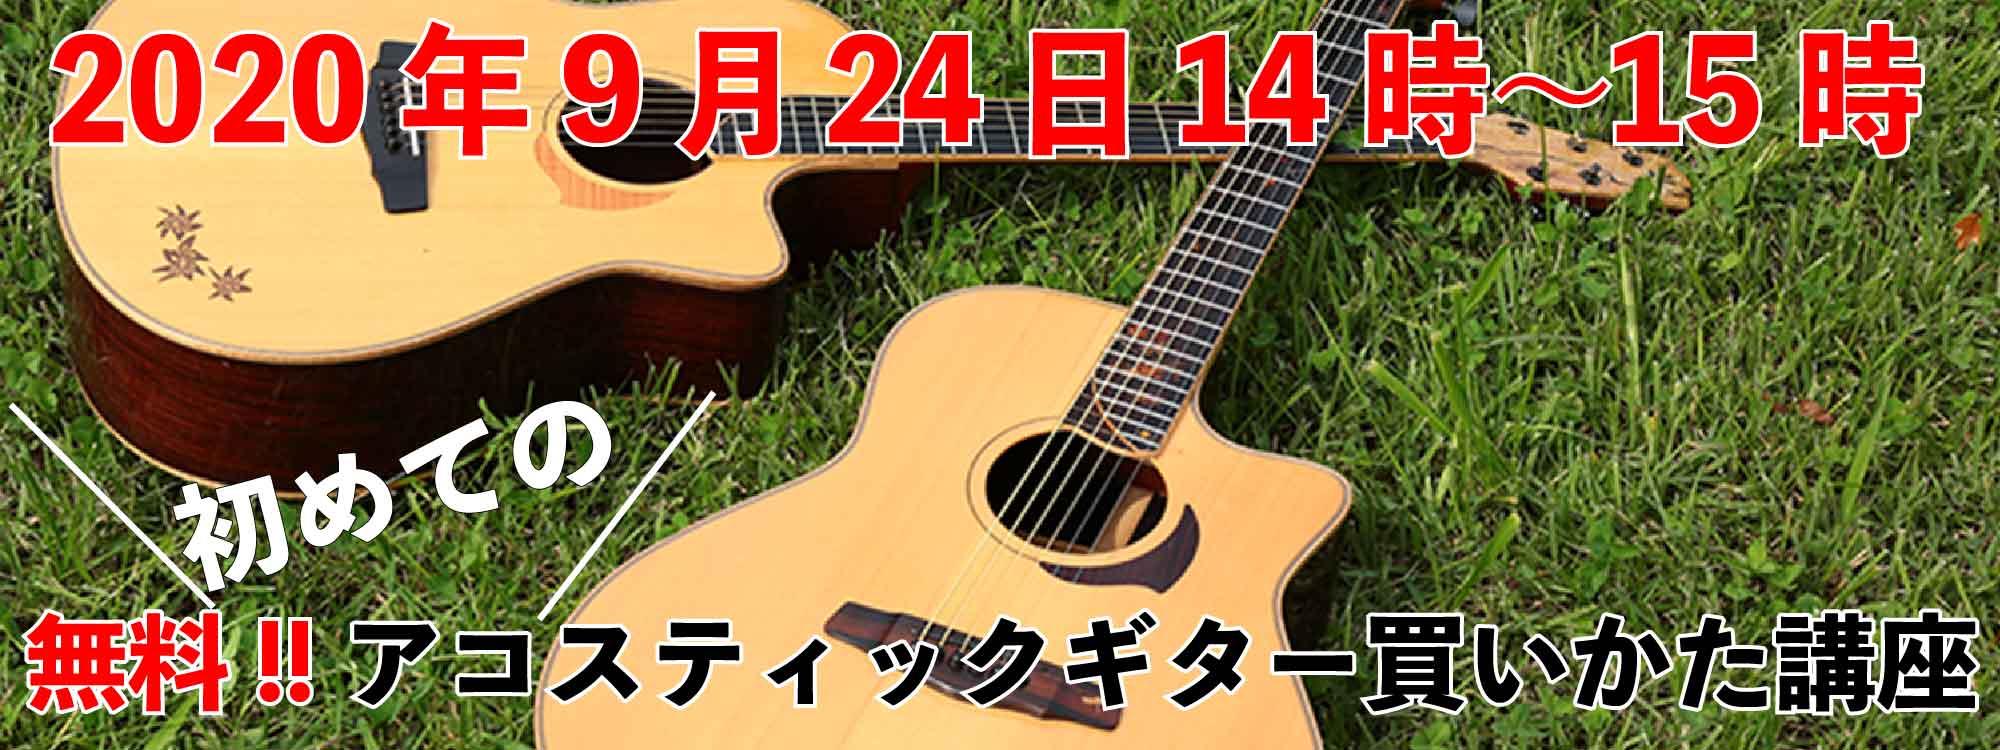 無料!!初めてのアコスティックギター買いかた講座(feelギター教室 西東京市田無校)-01